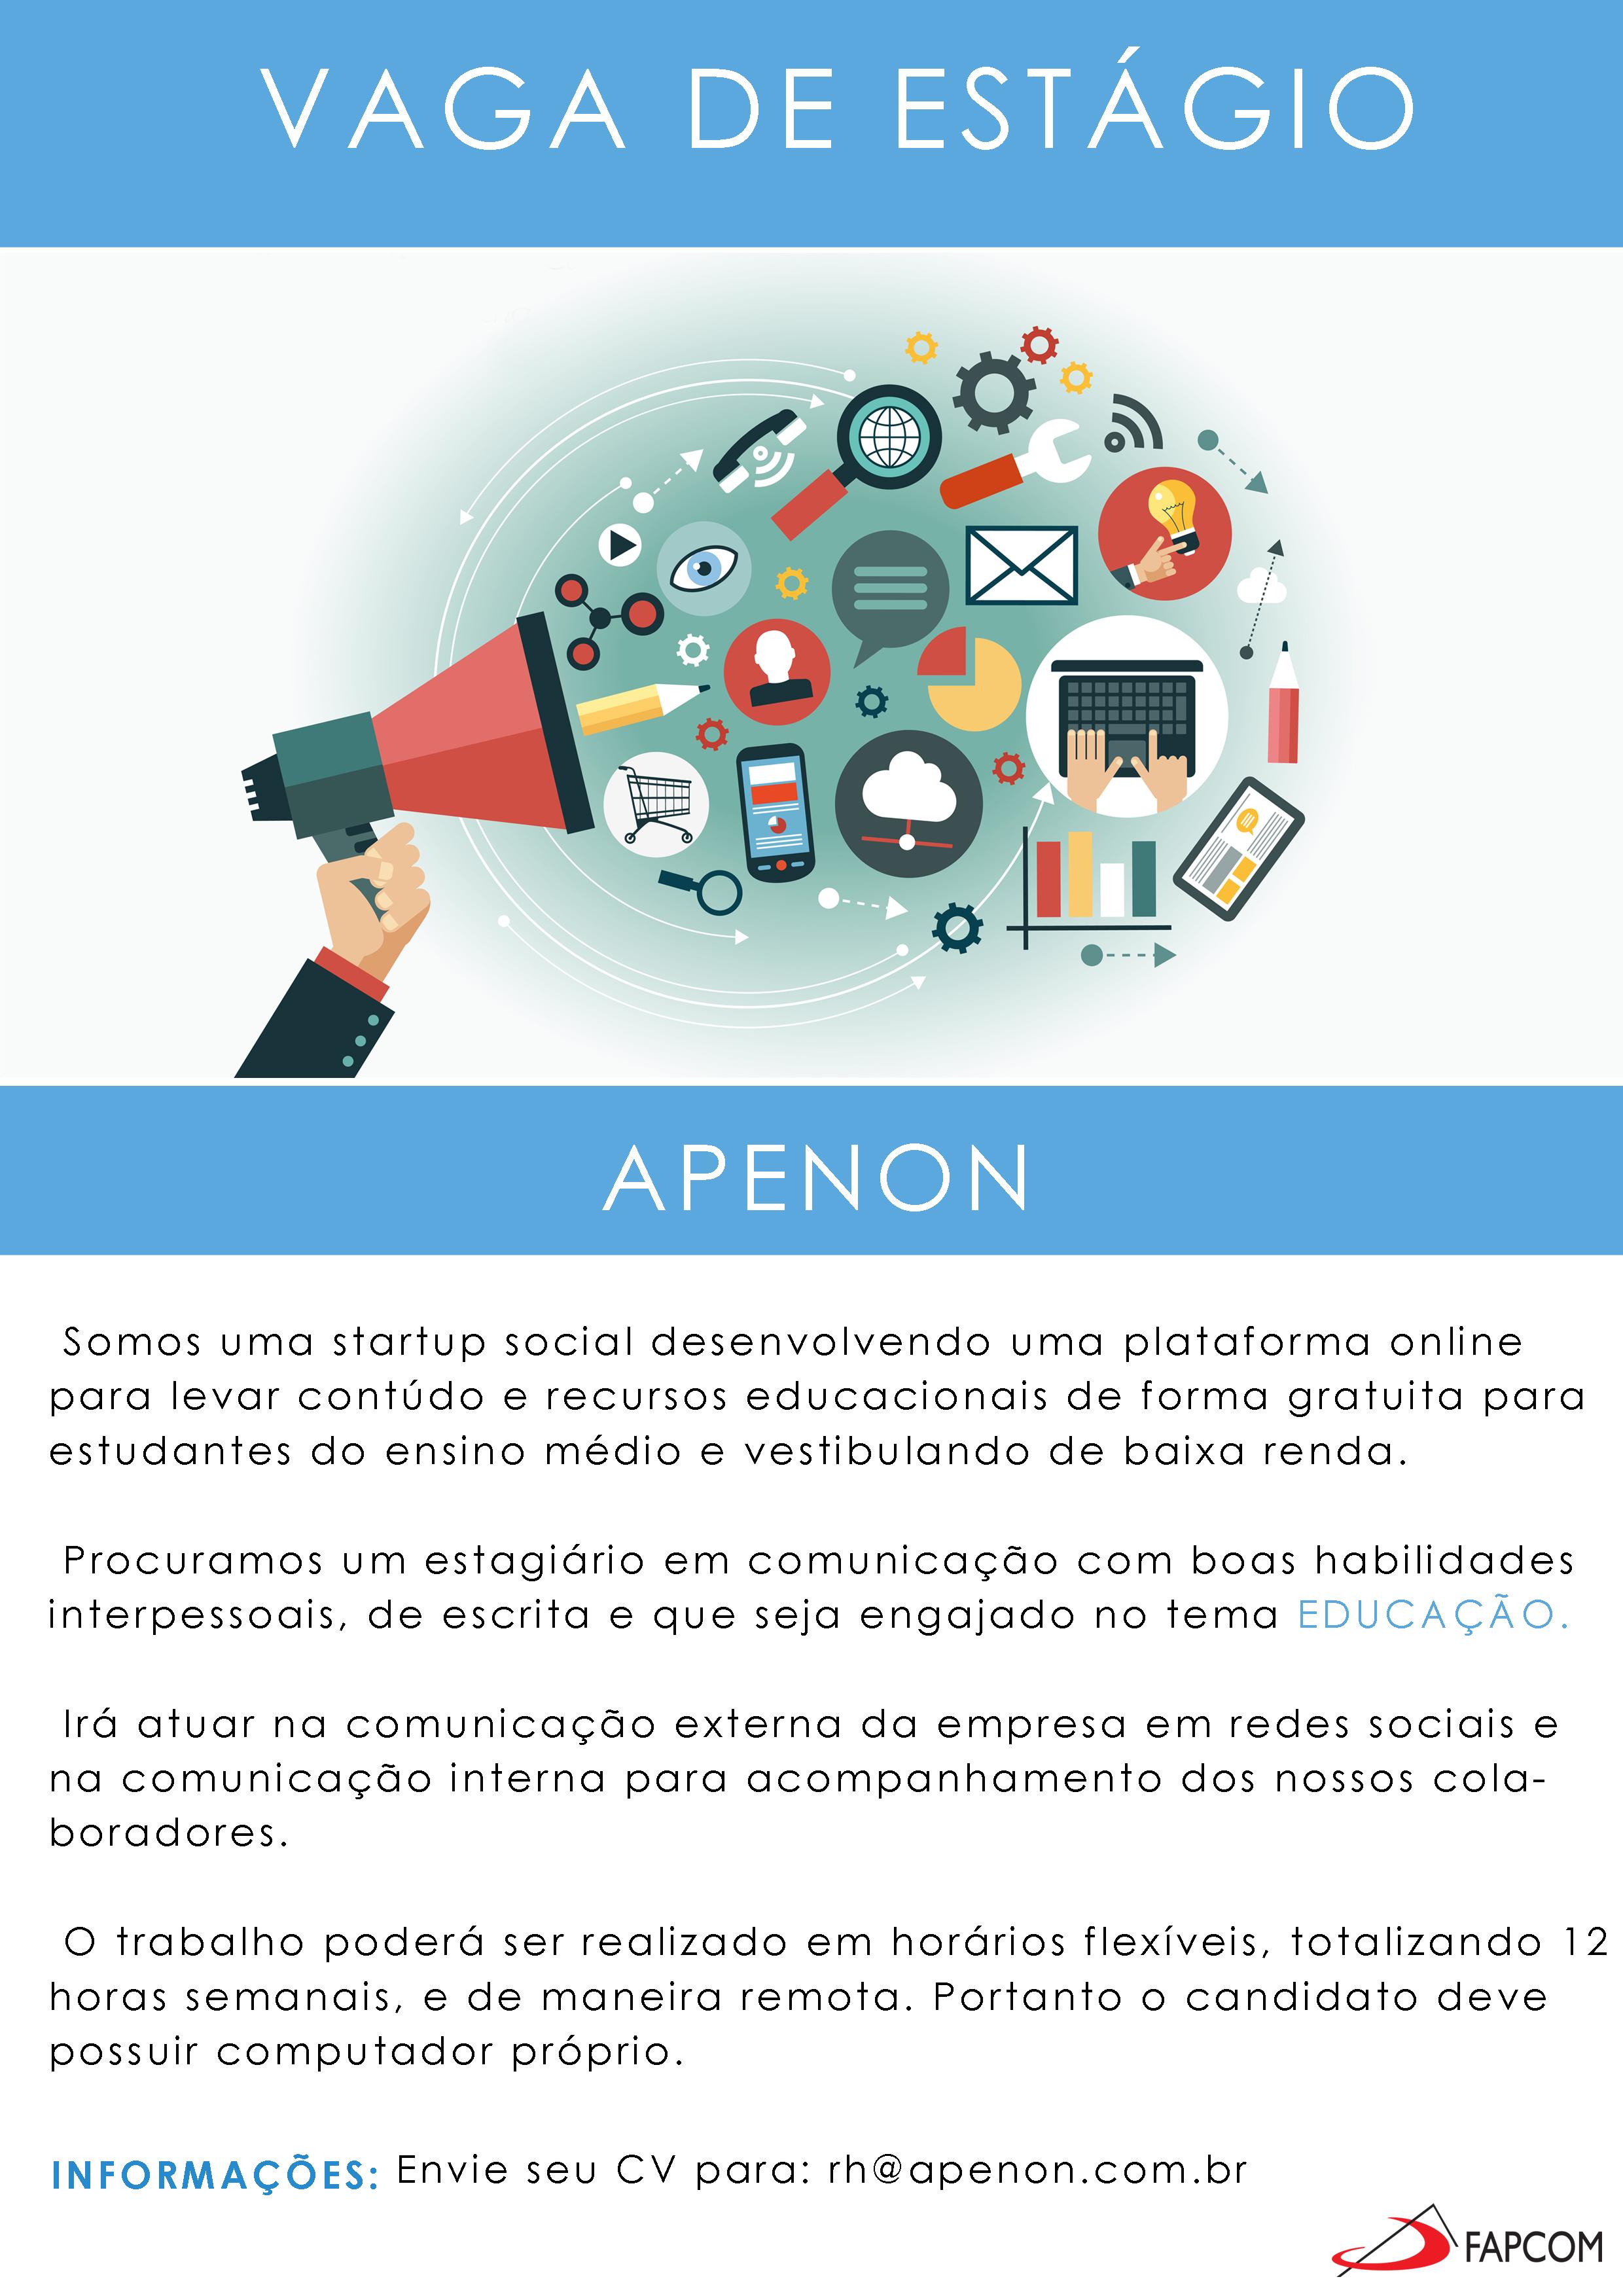 Apenon